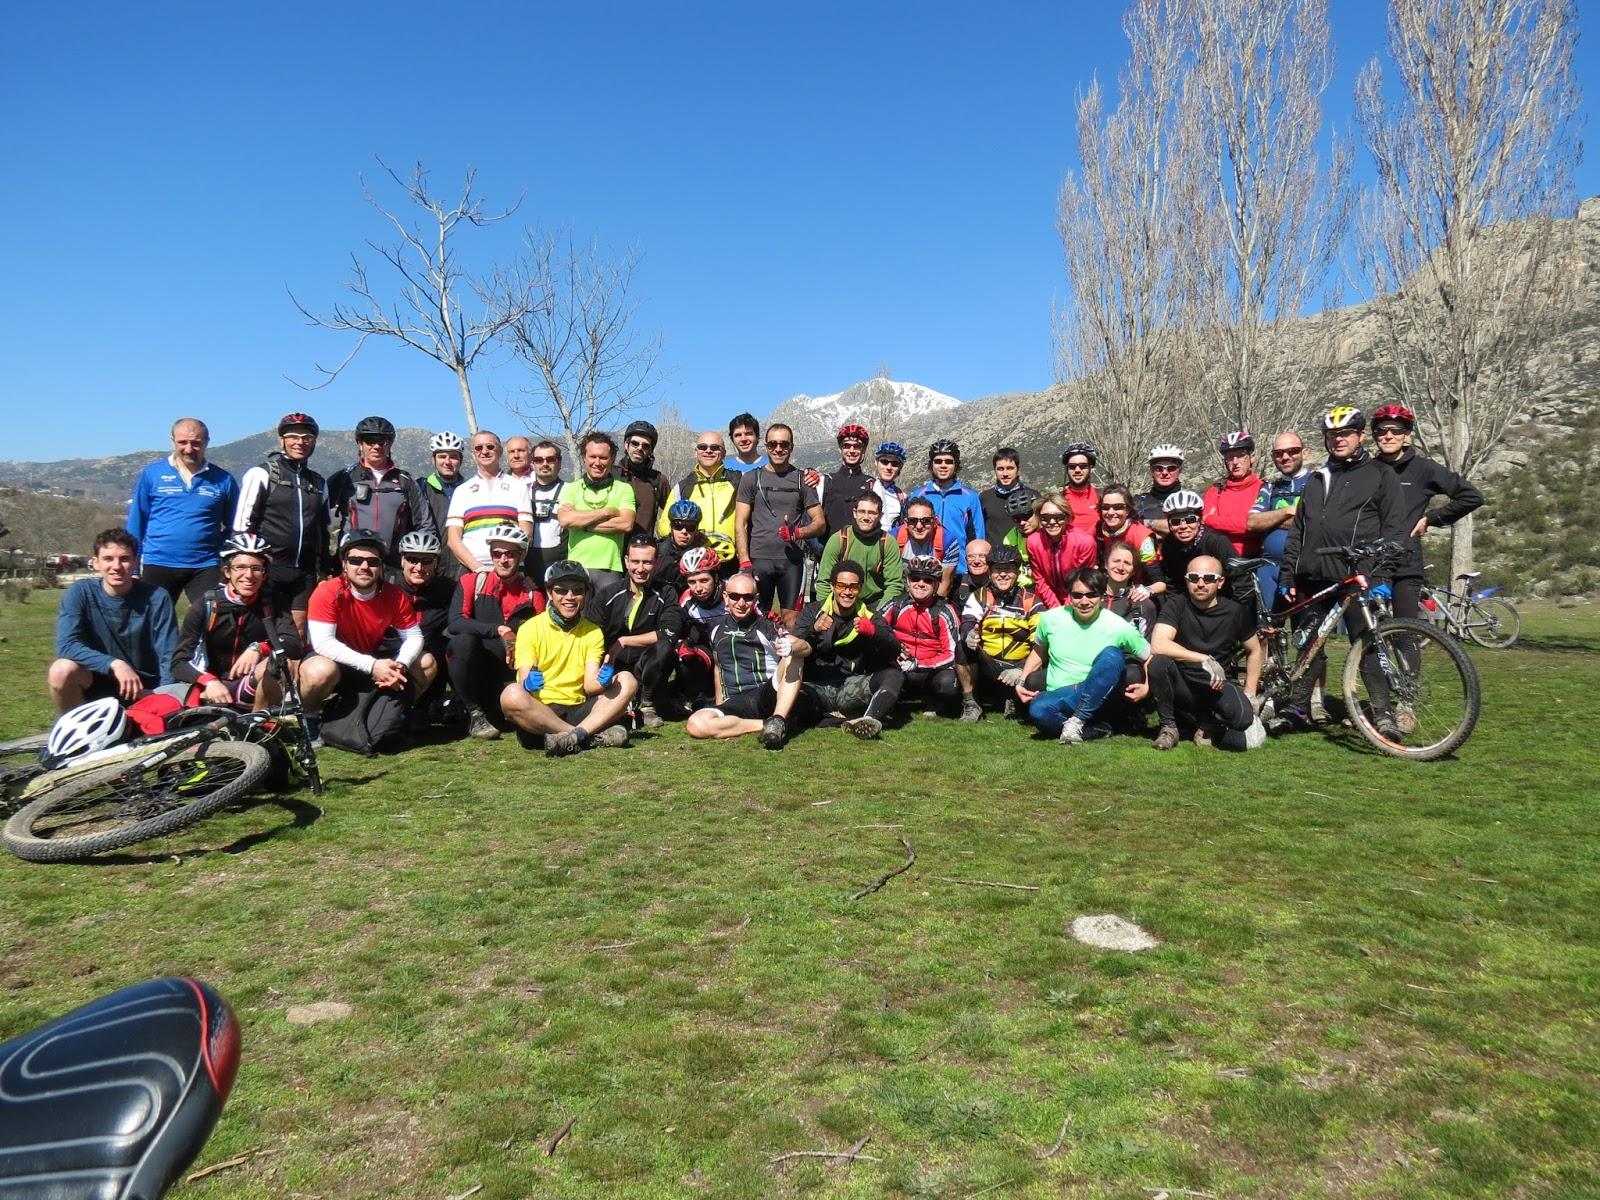 Ruta de Cercedilla a Madrid por el Camino de Santiago, con el grupo 'en bici por madrid'